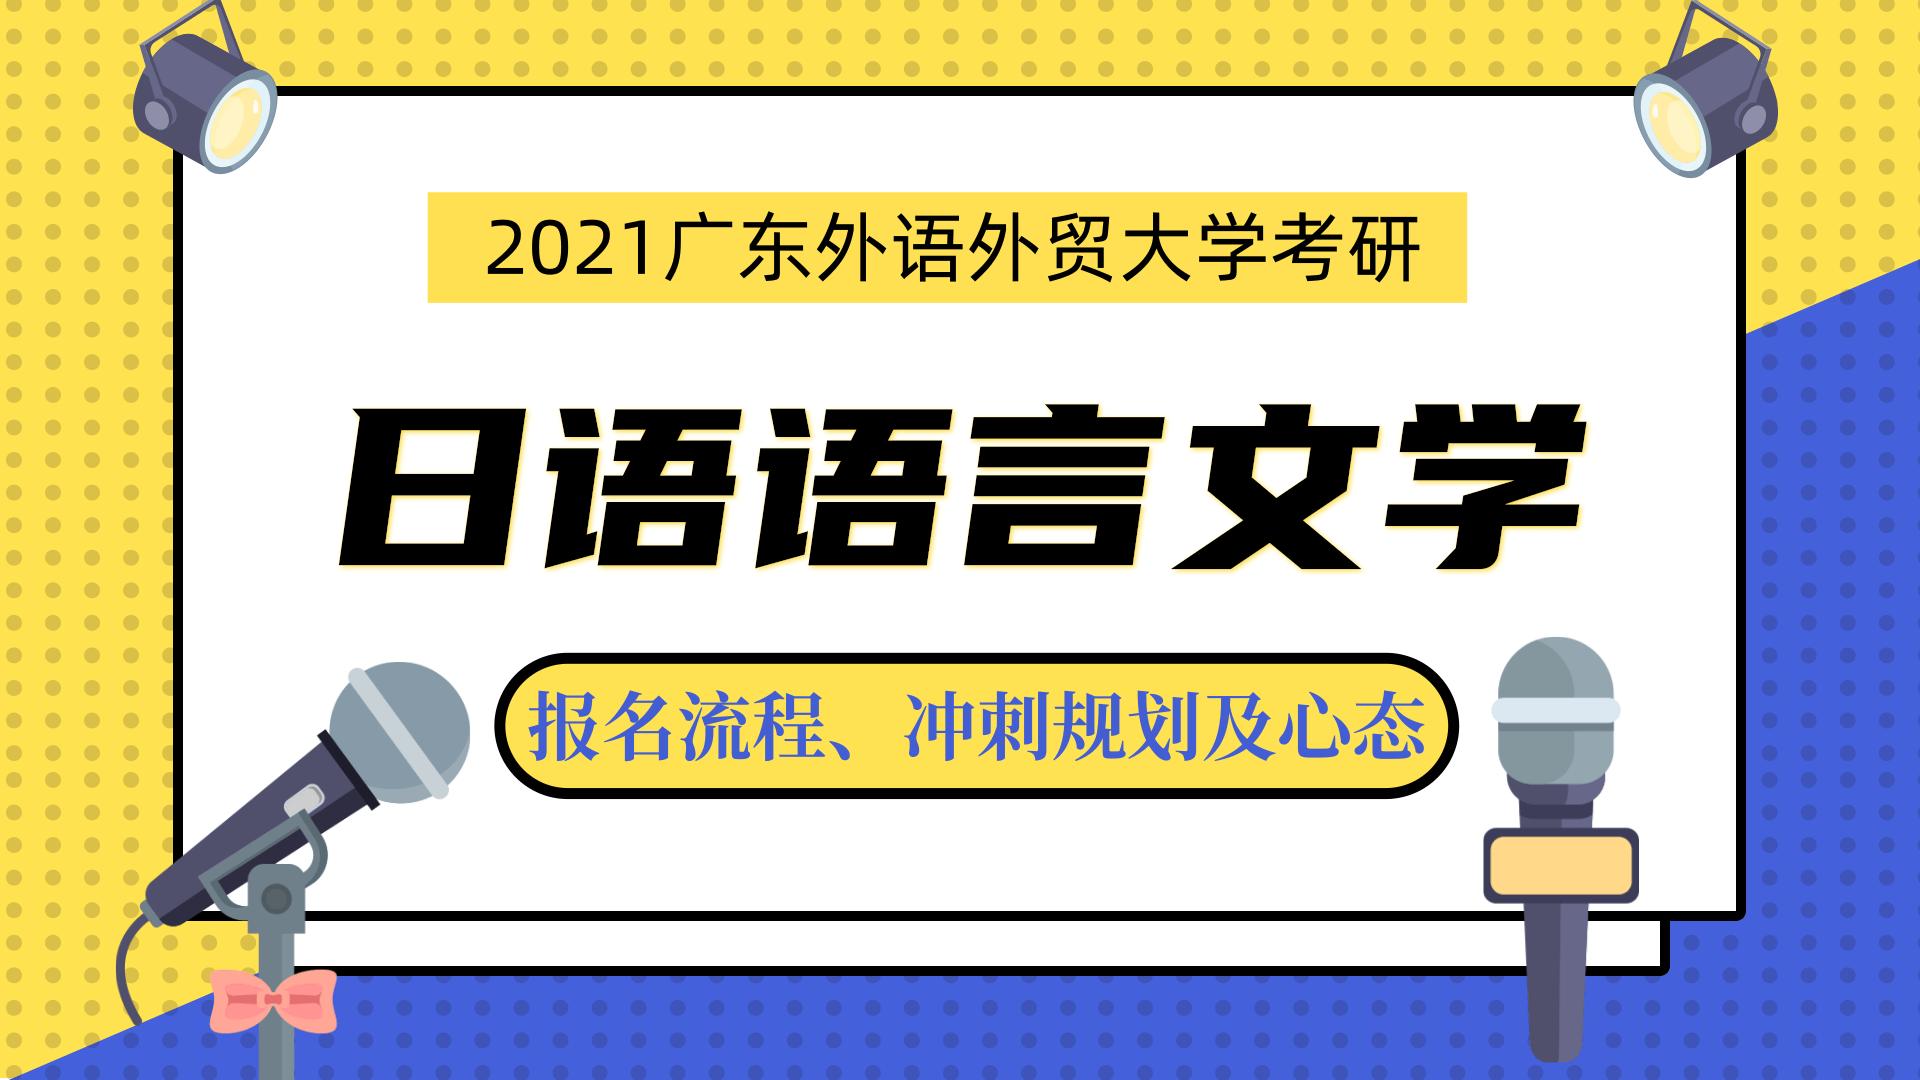 2021广东外语外贸大学日语语言文学考研十月答疑会:心态调整